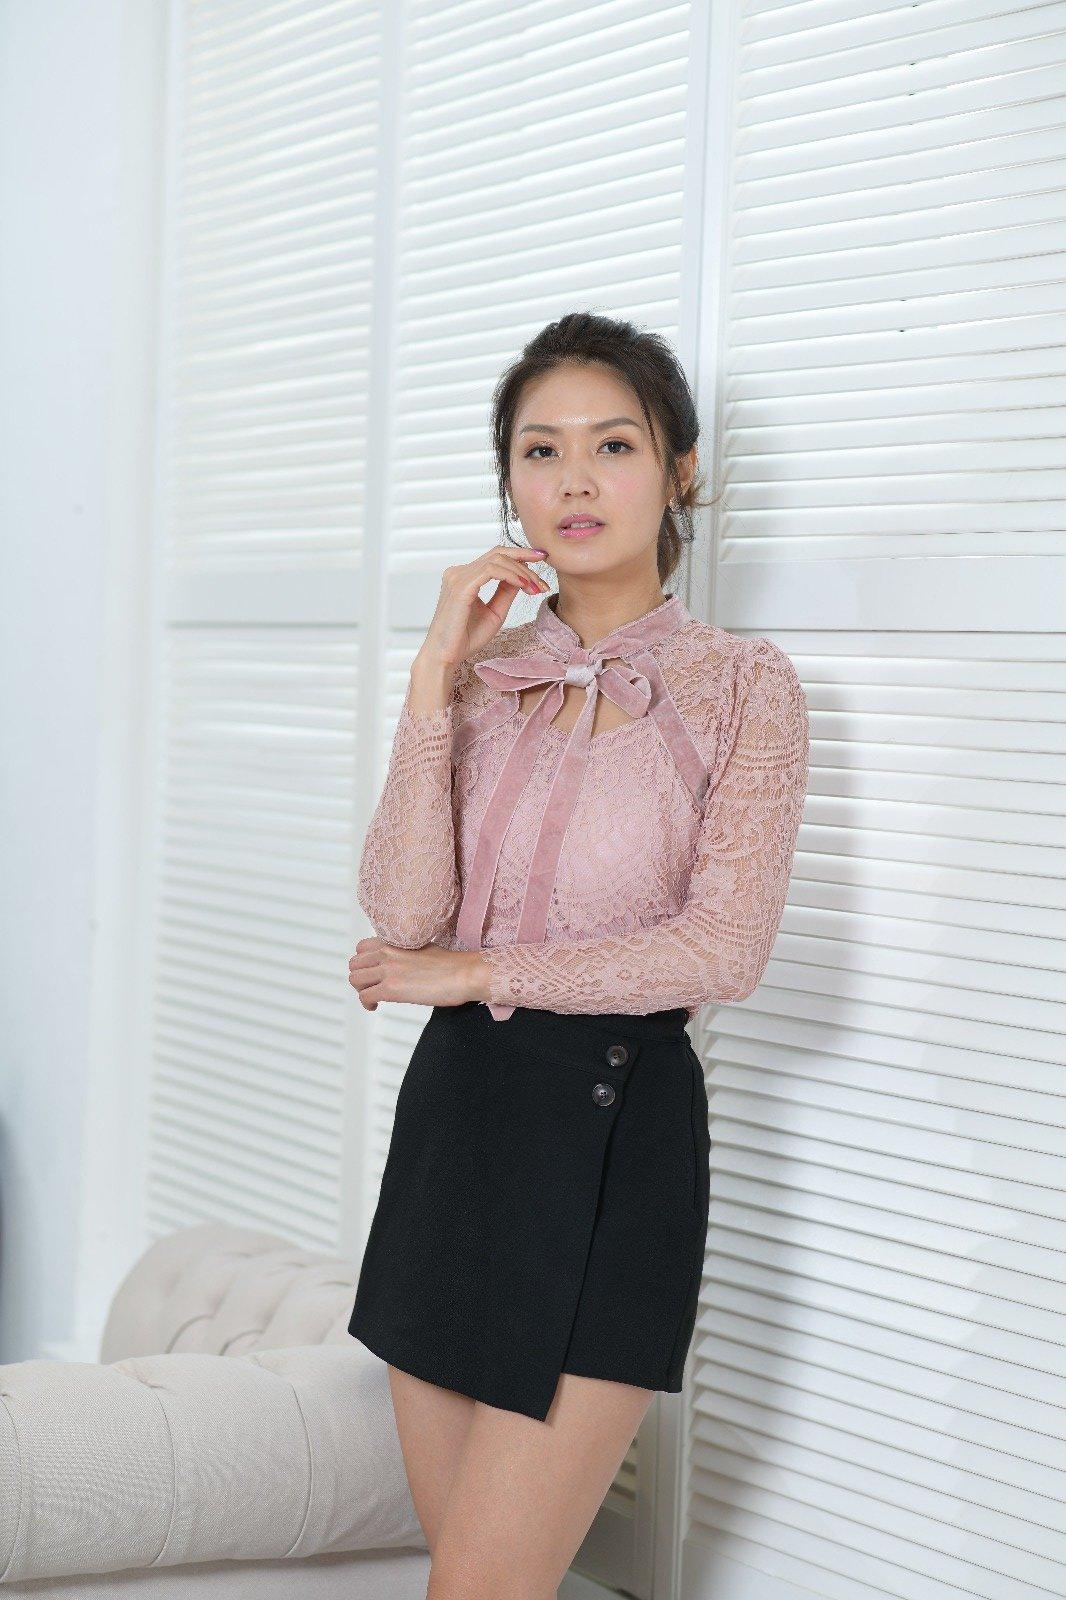 陳庭欣入行以來曾被網民批評,幸好性格樂觀,令她度過逆境。